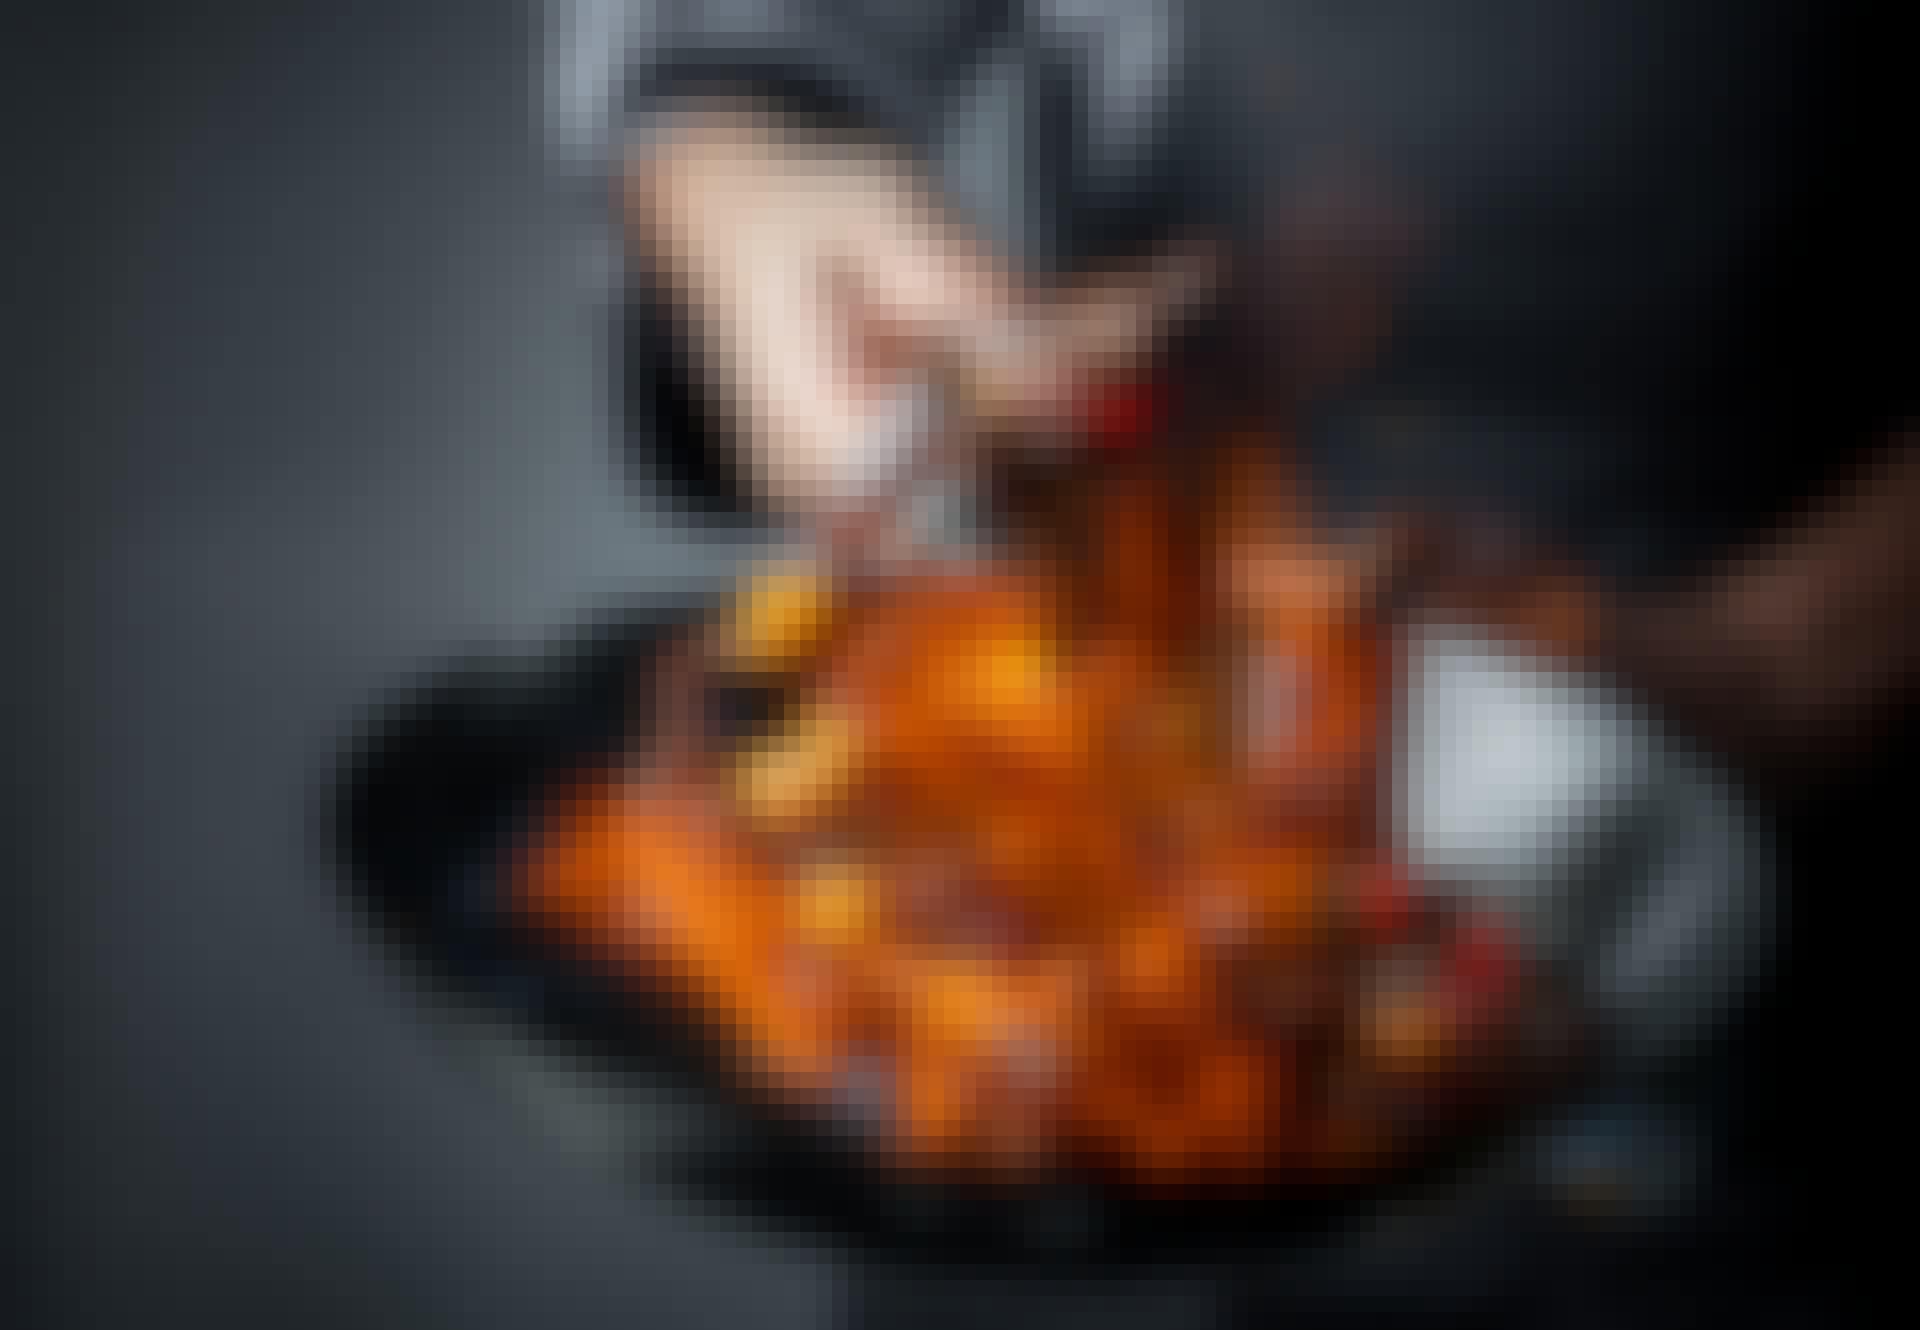 Flambering i wok pande